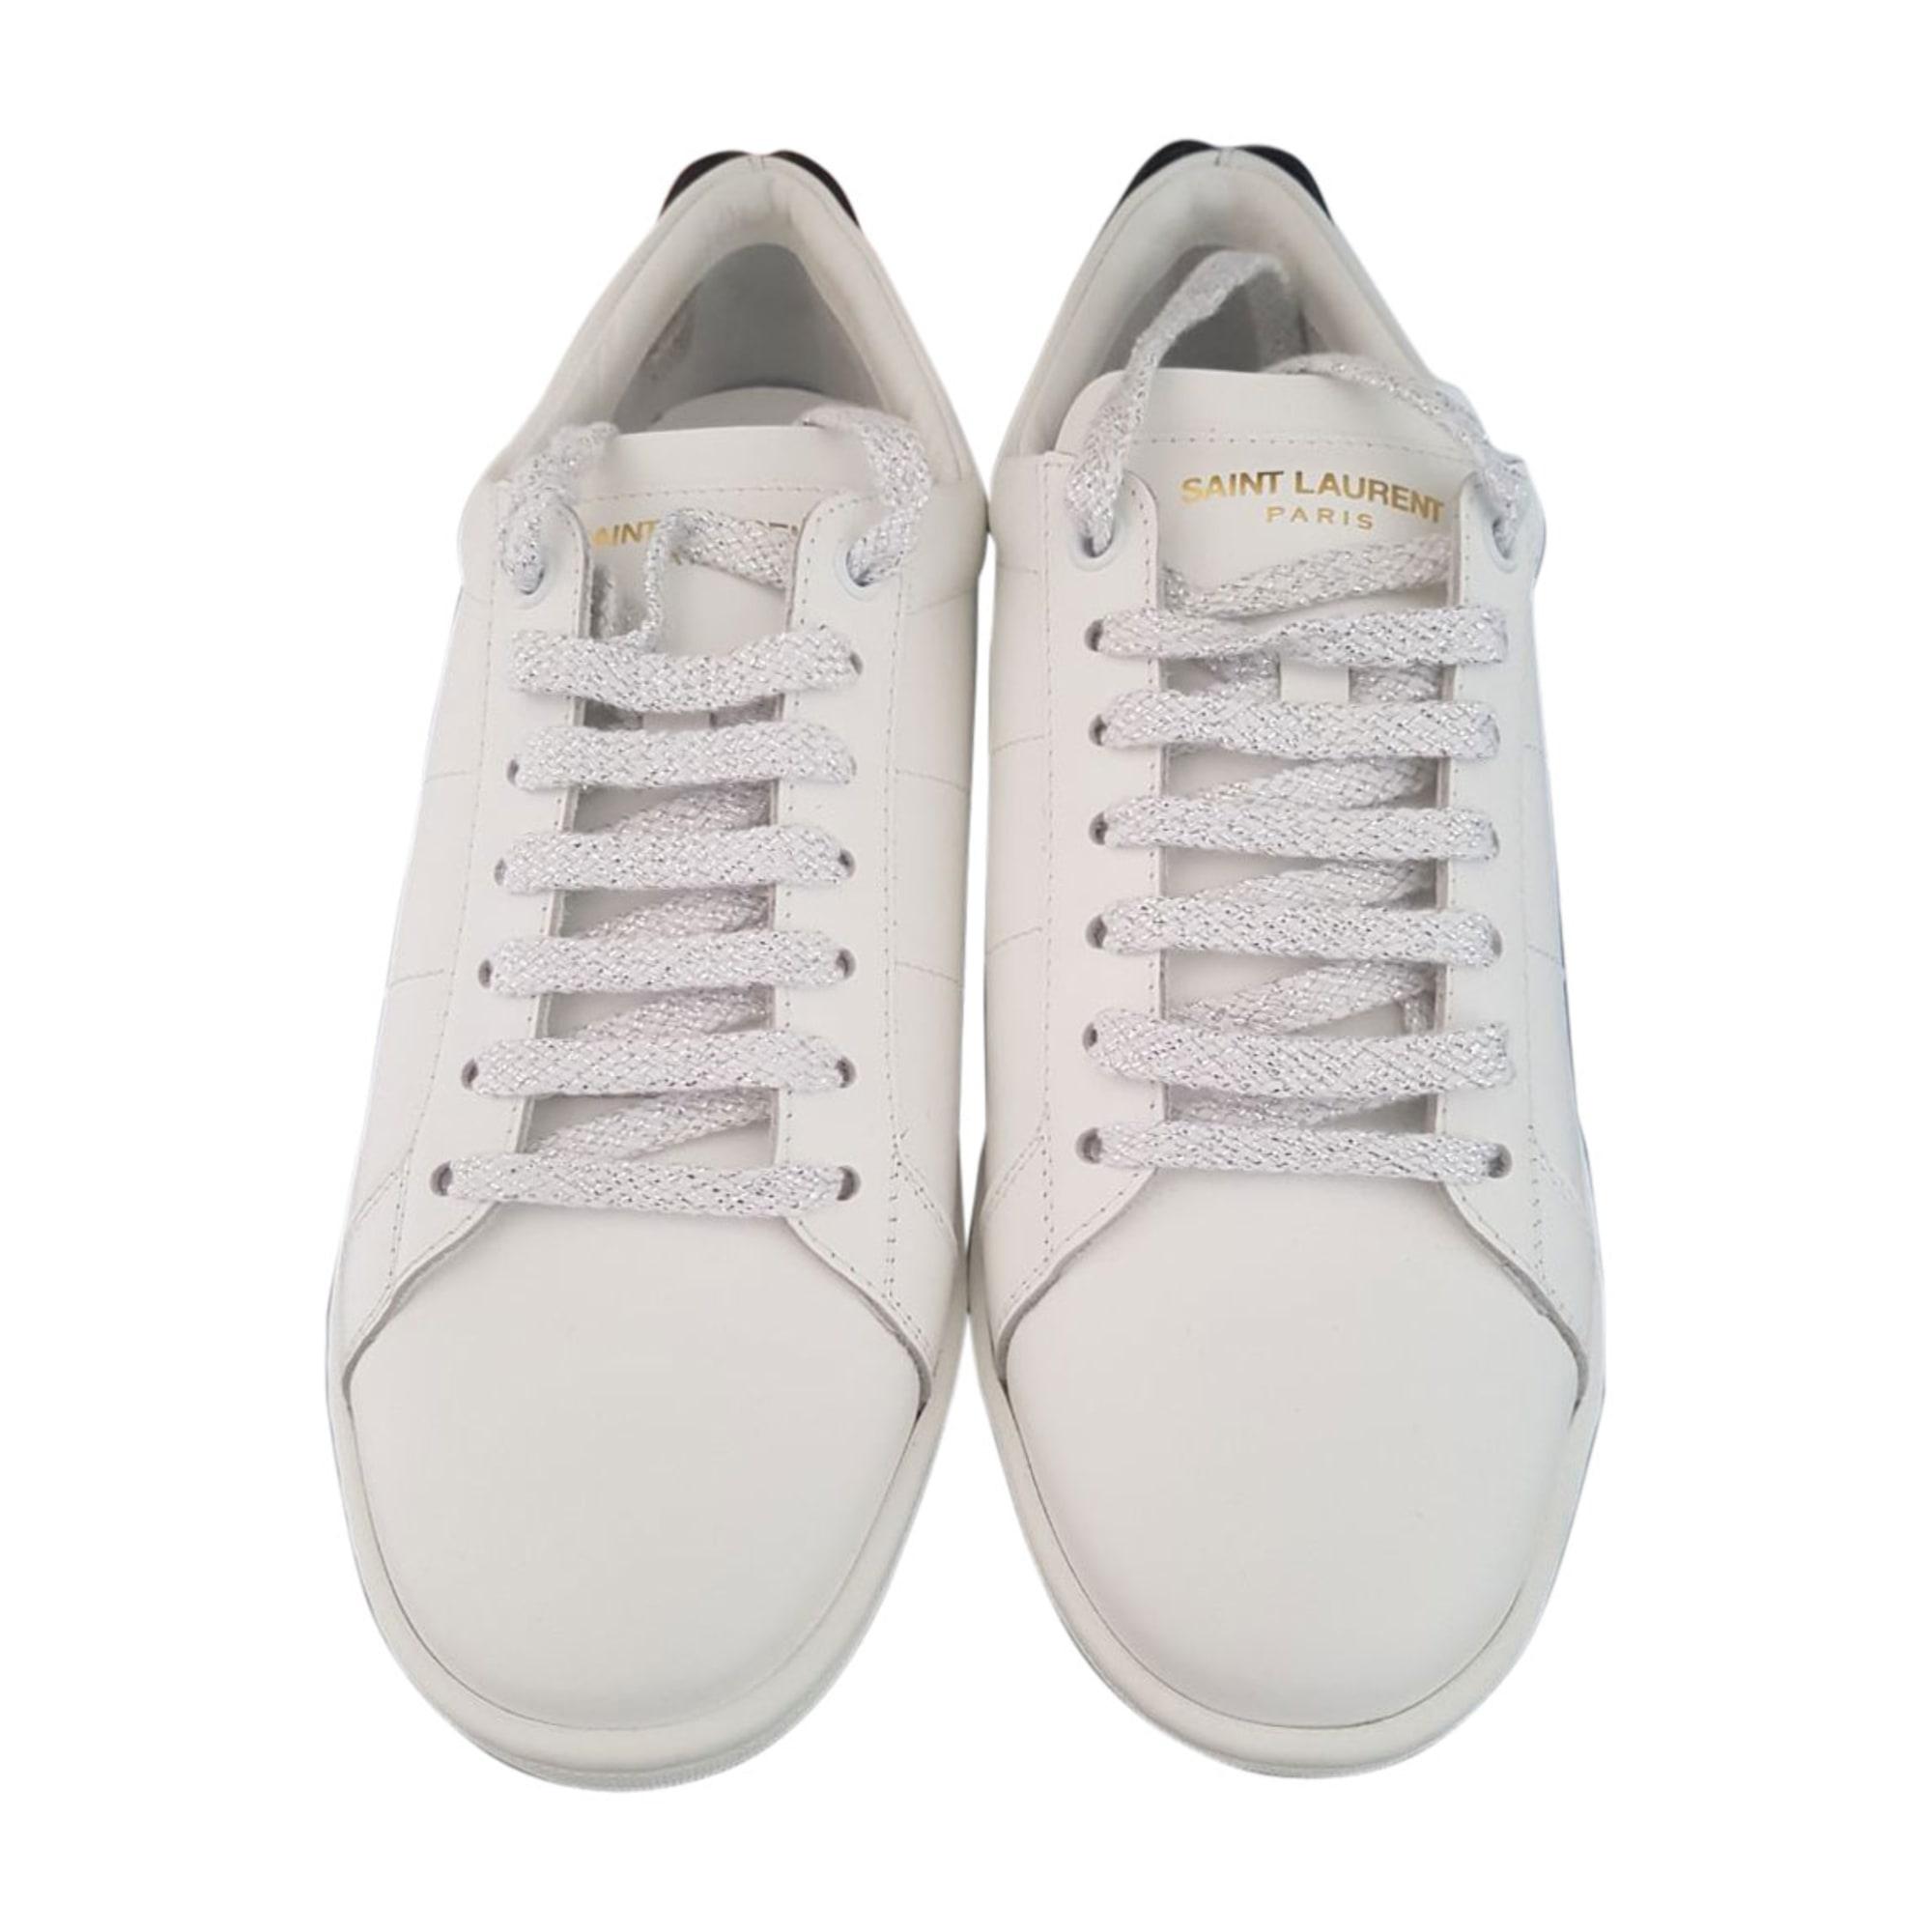 Sneakers YVES SAINT LAURENT Weiß, elfenbeinfarben